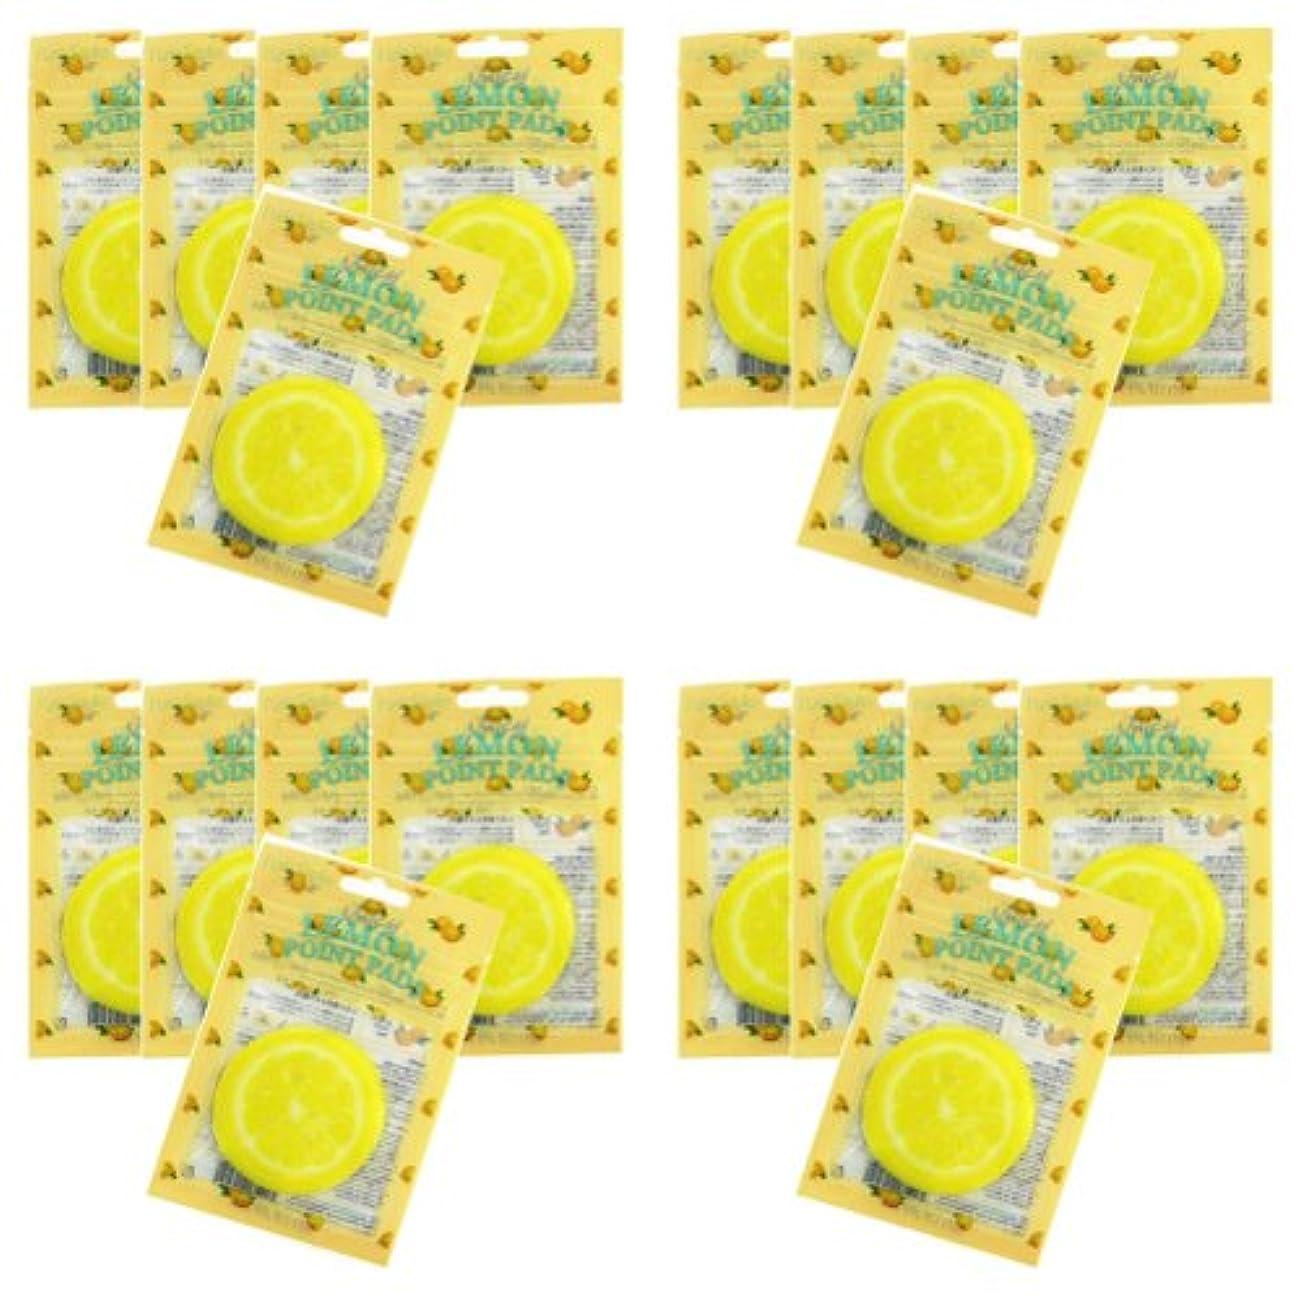 鉄道アクセント狭いピュアスマイル ジューシーポイントパッド レモン20パックセット(1パック10枚入 合計200枚)